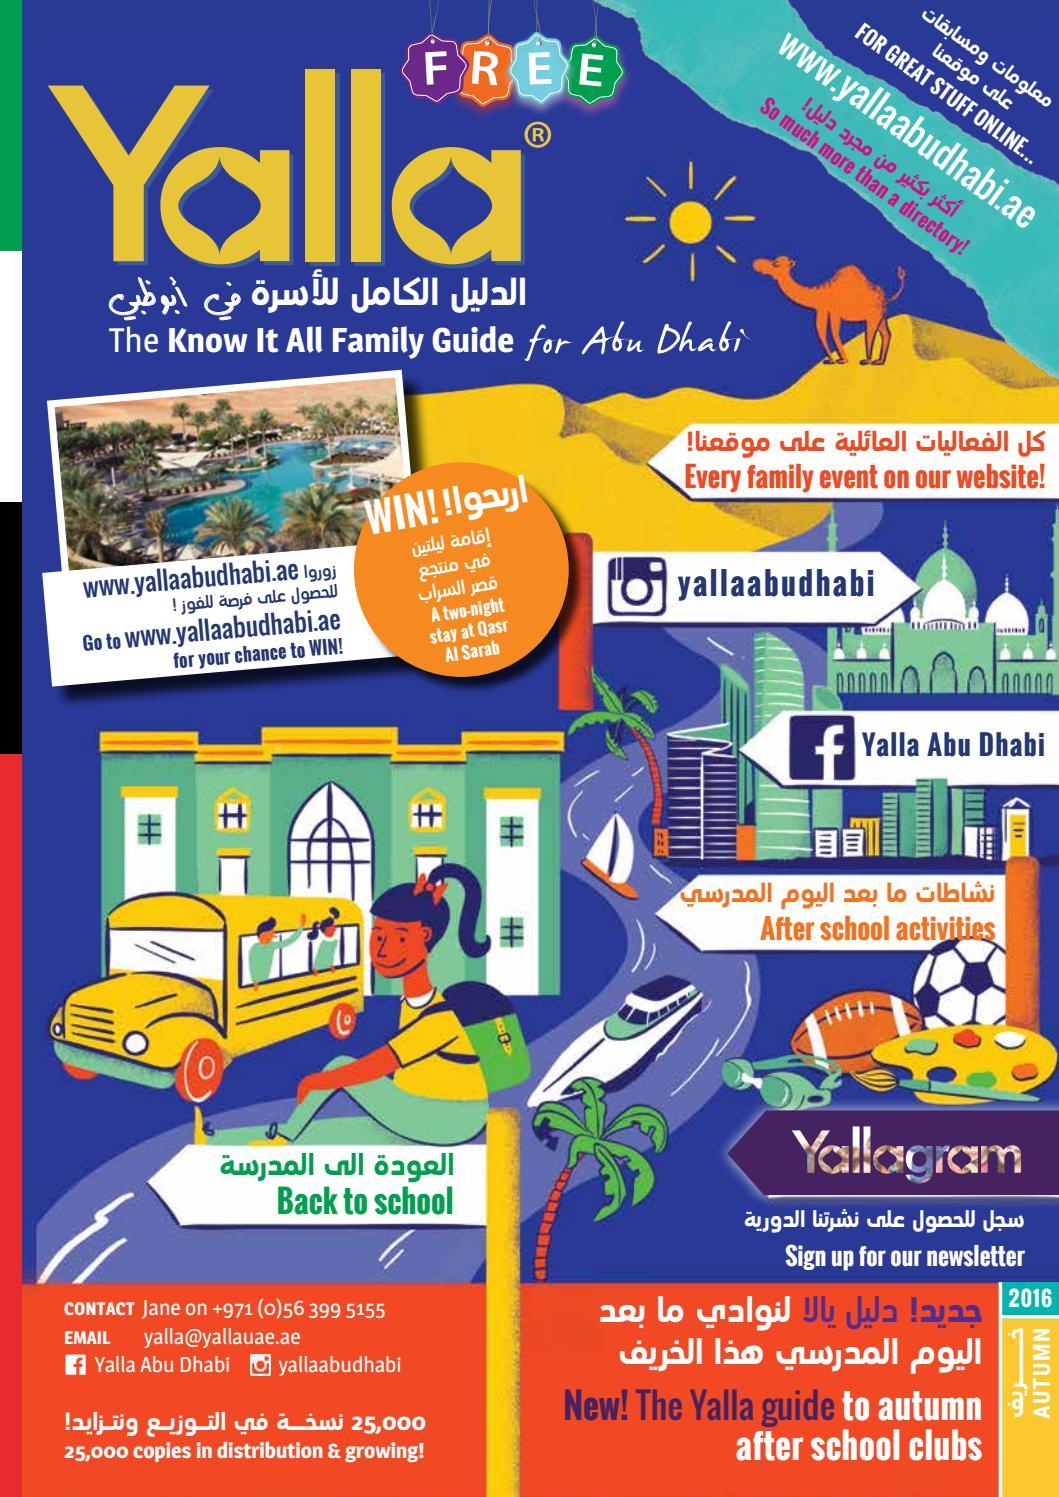 c6f79ba89 Yalla abu dhabi autumn 2016 by Yalla Abu Dhabi - issuu